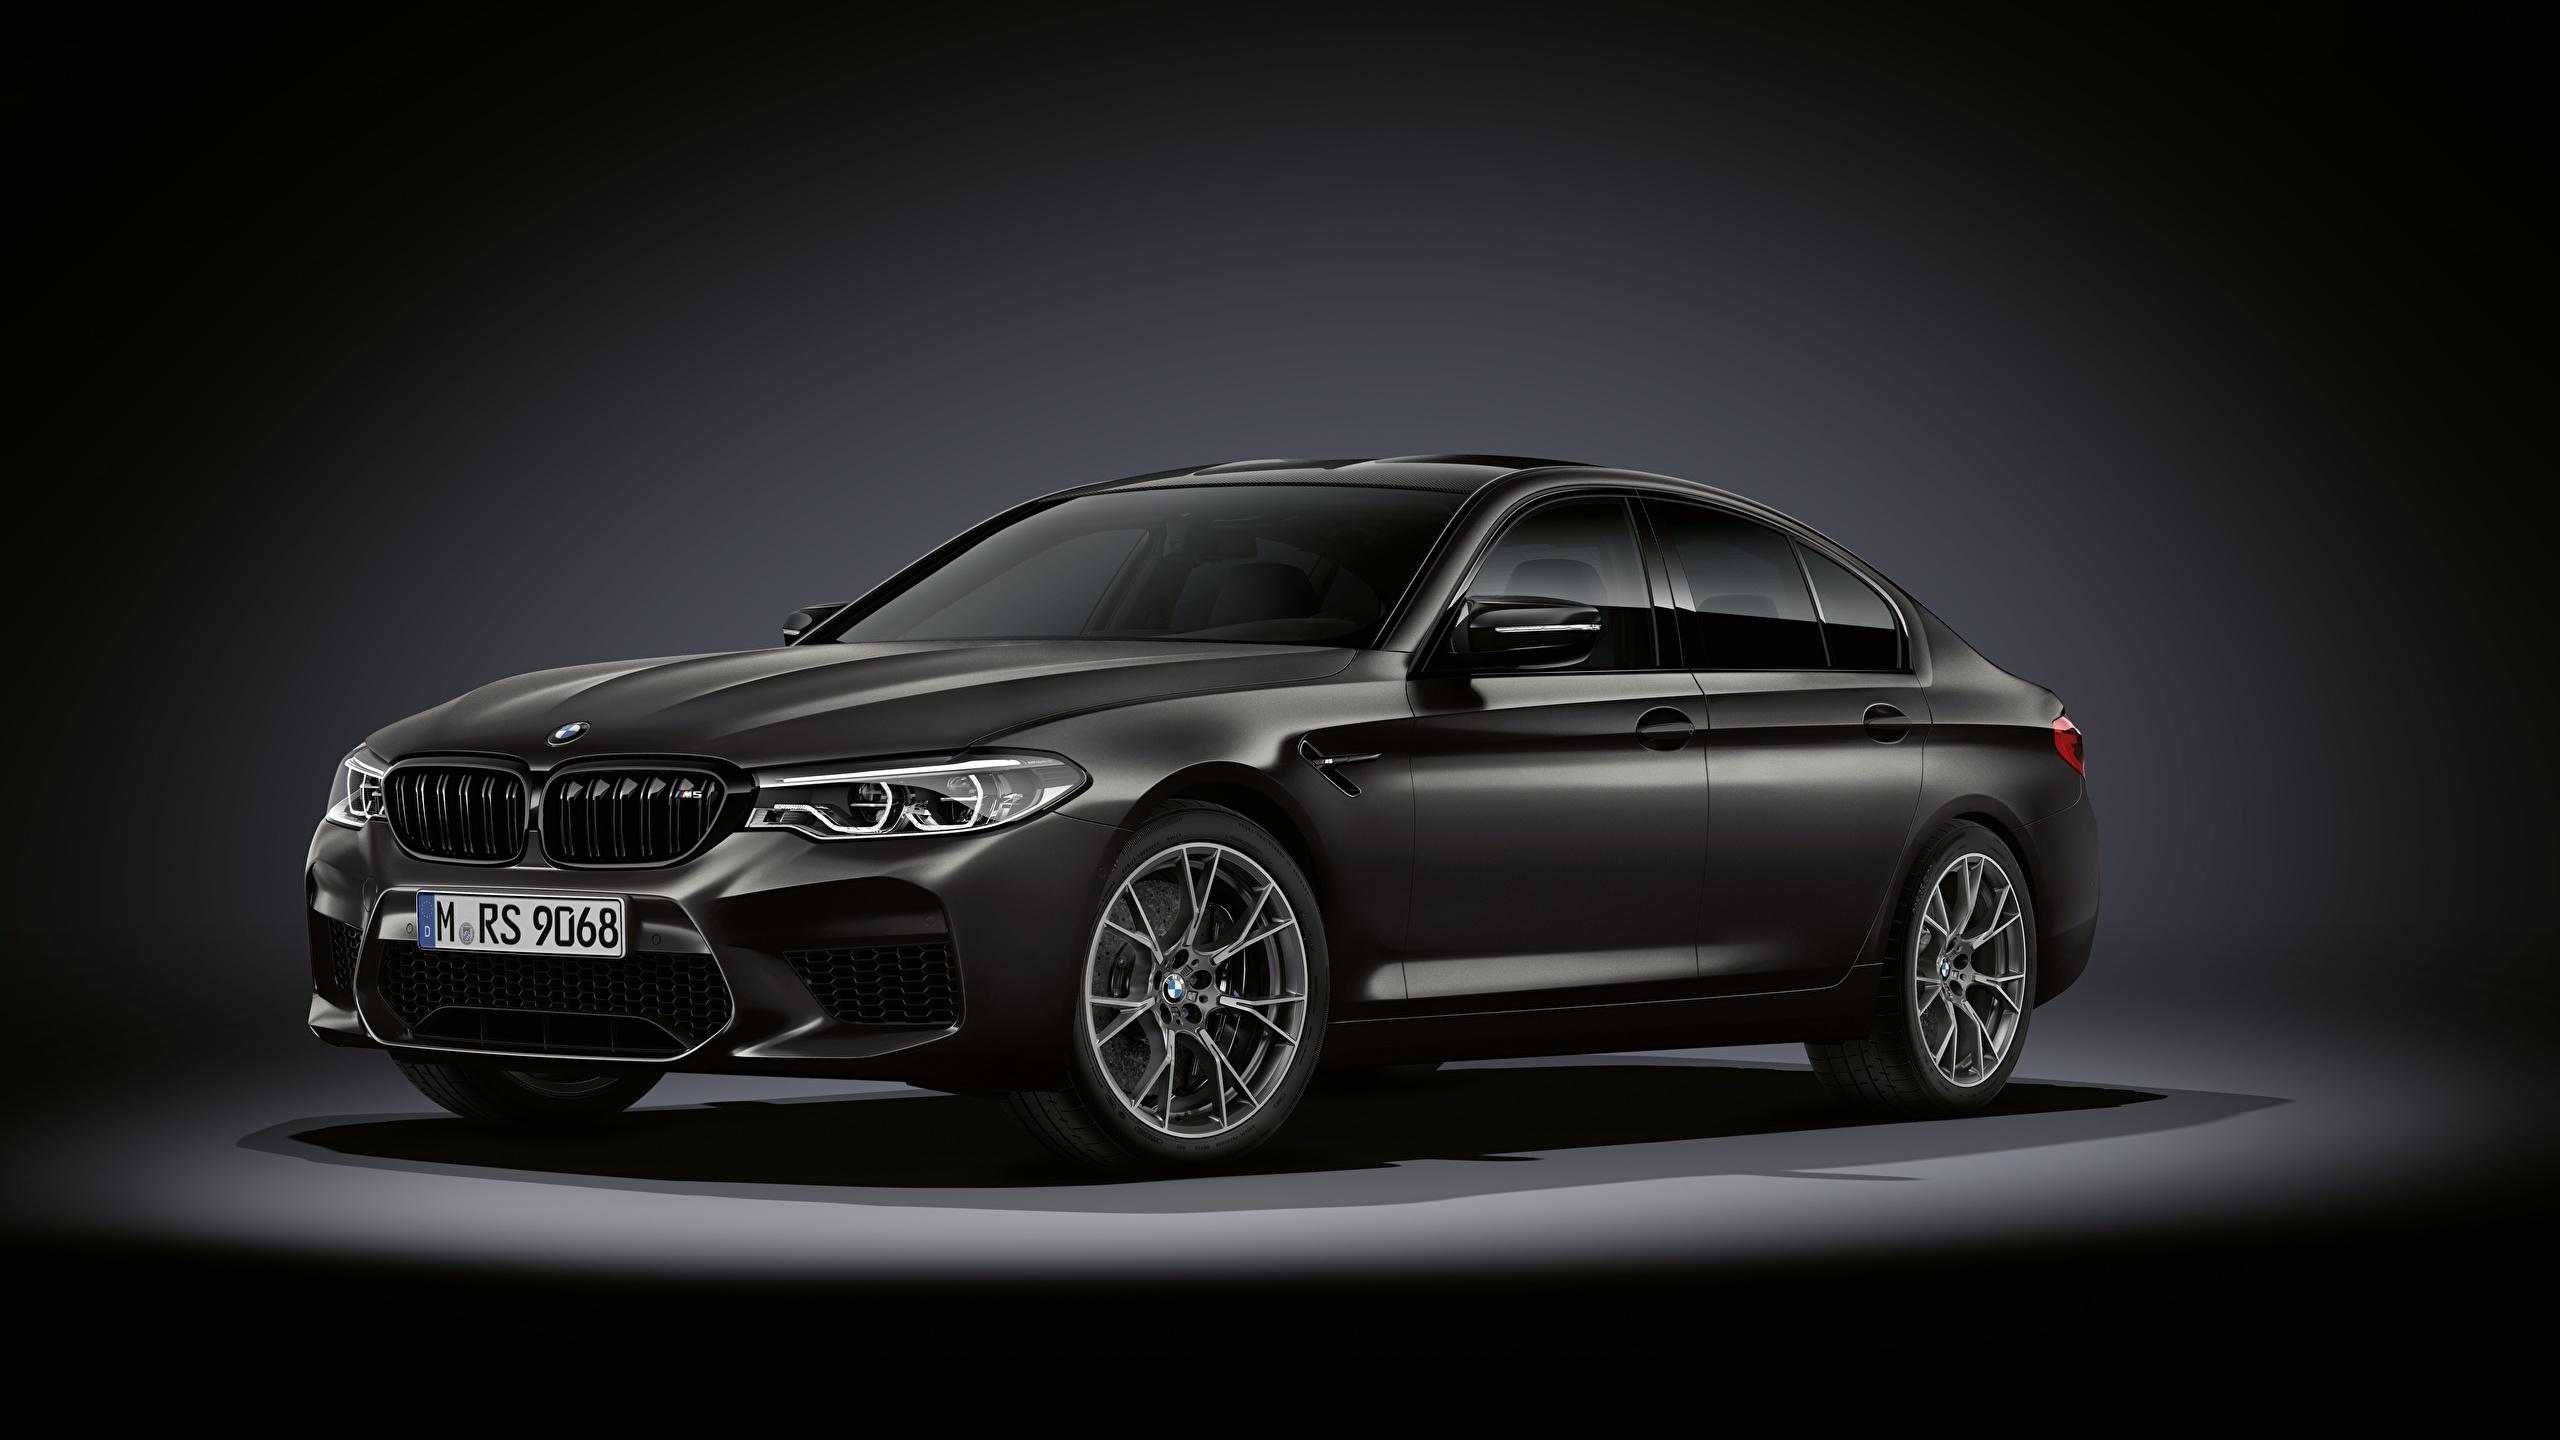 Фотография БМВ M5, F90, 2019, Edition 35 Years черная Автомобили 2560x1440 BMW Черный черные черных авто машины машина автомобиль